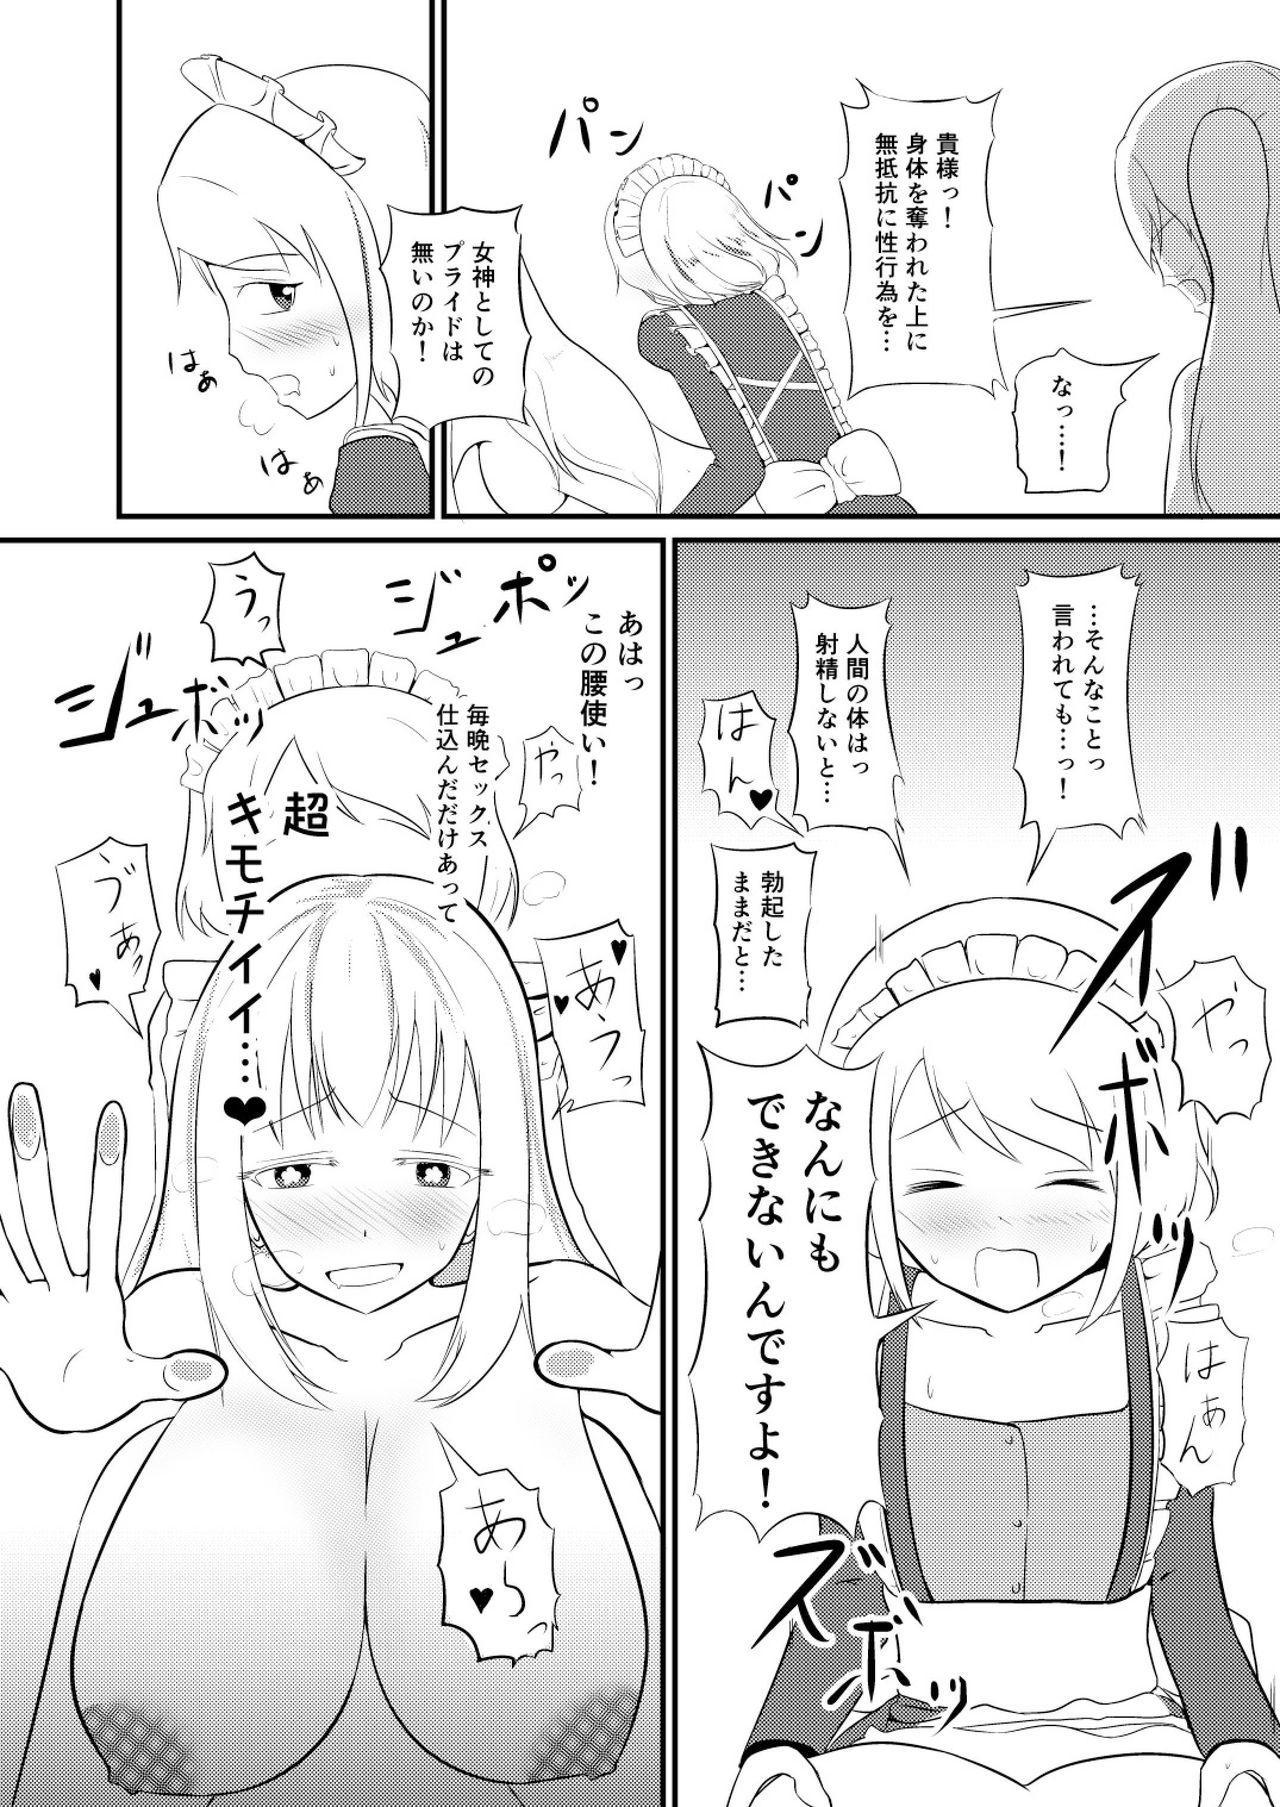 Kekkai Mahou Kanzen ni Rikai Shita 17